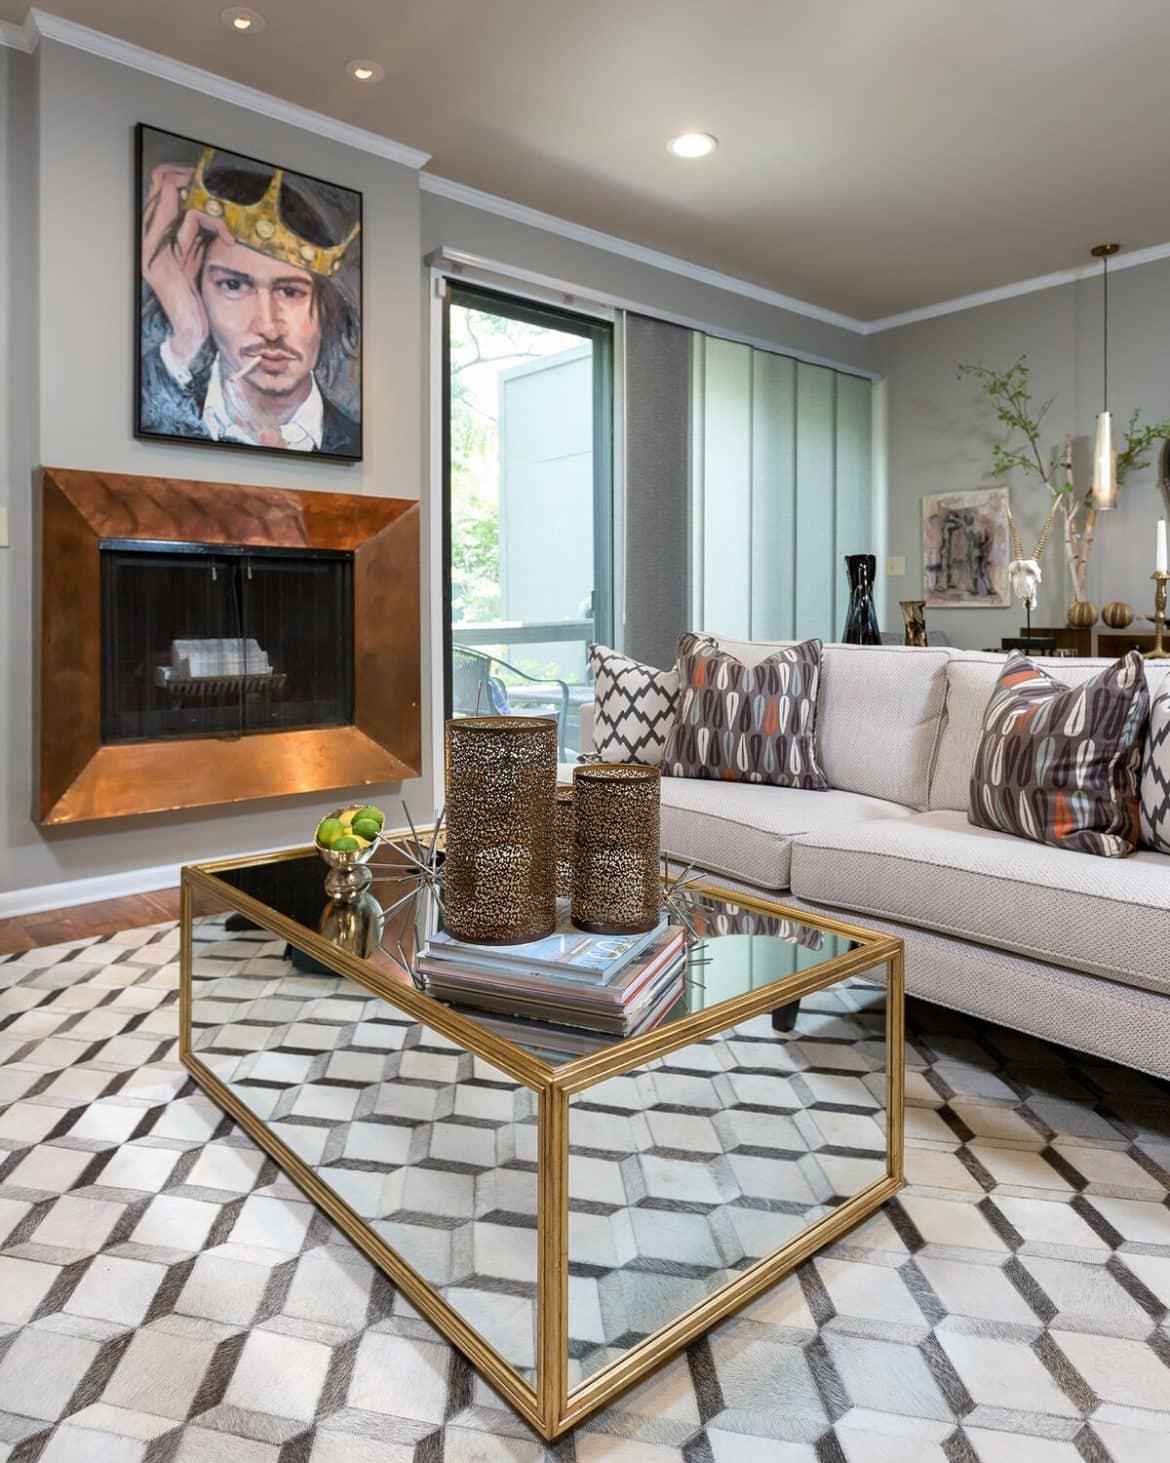 100 luxe home interiors pensacola florida interior design